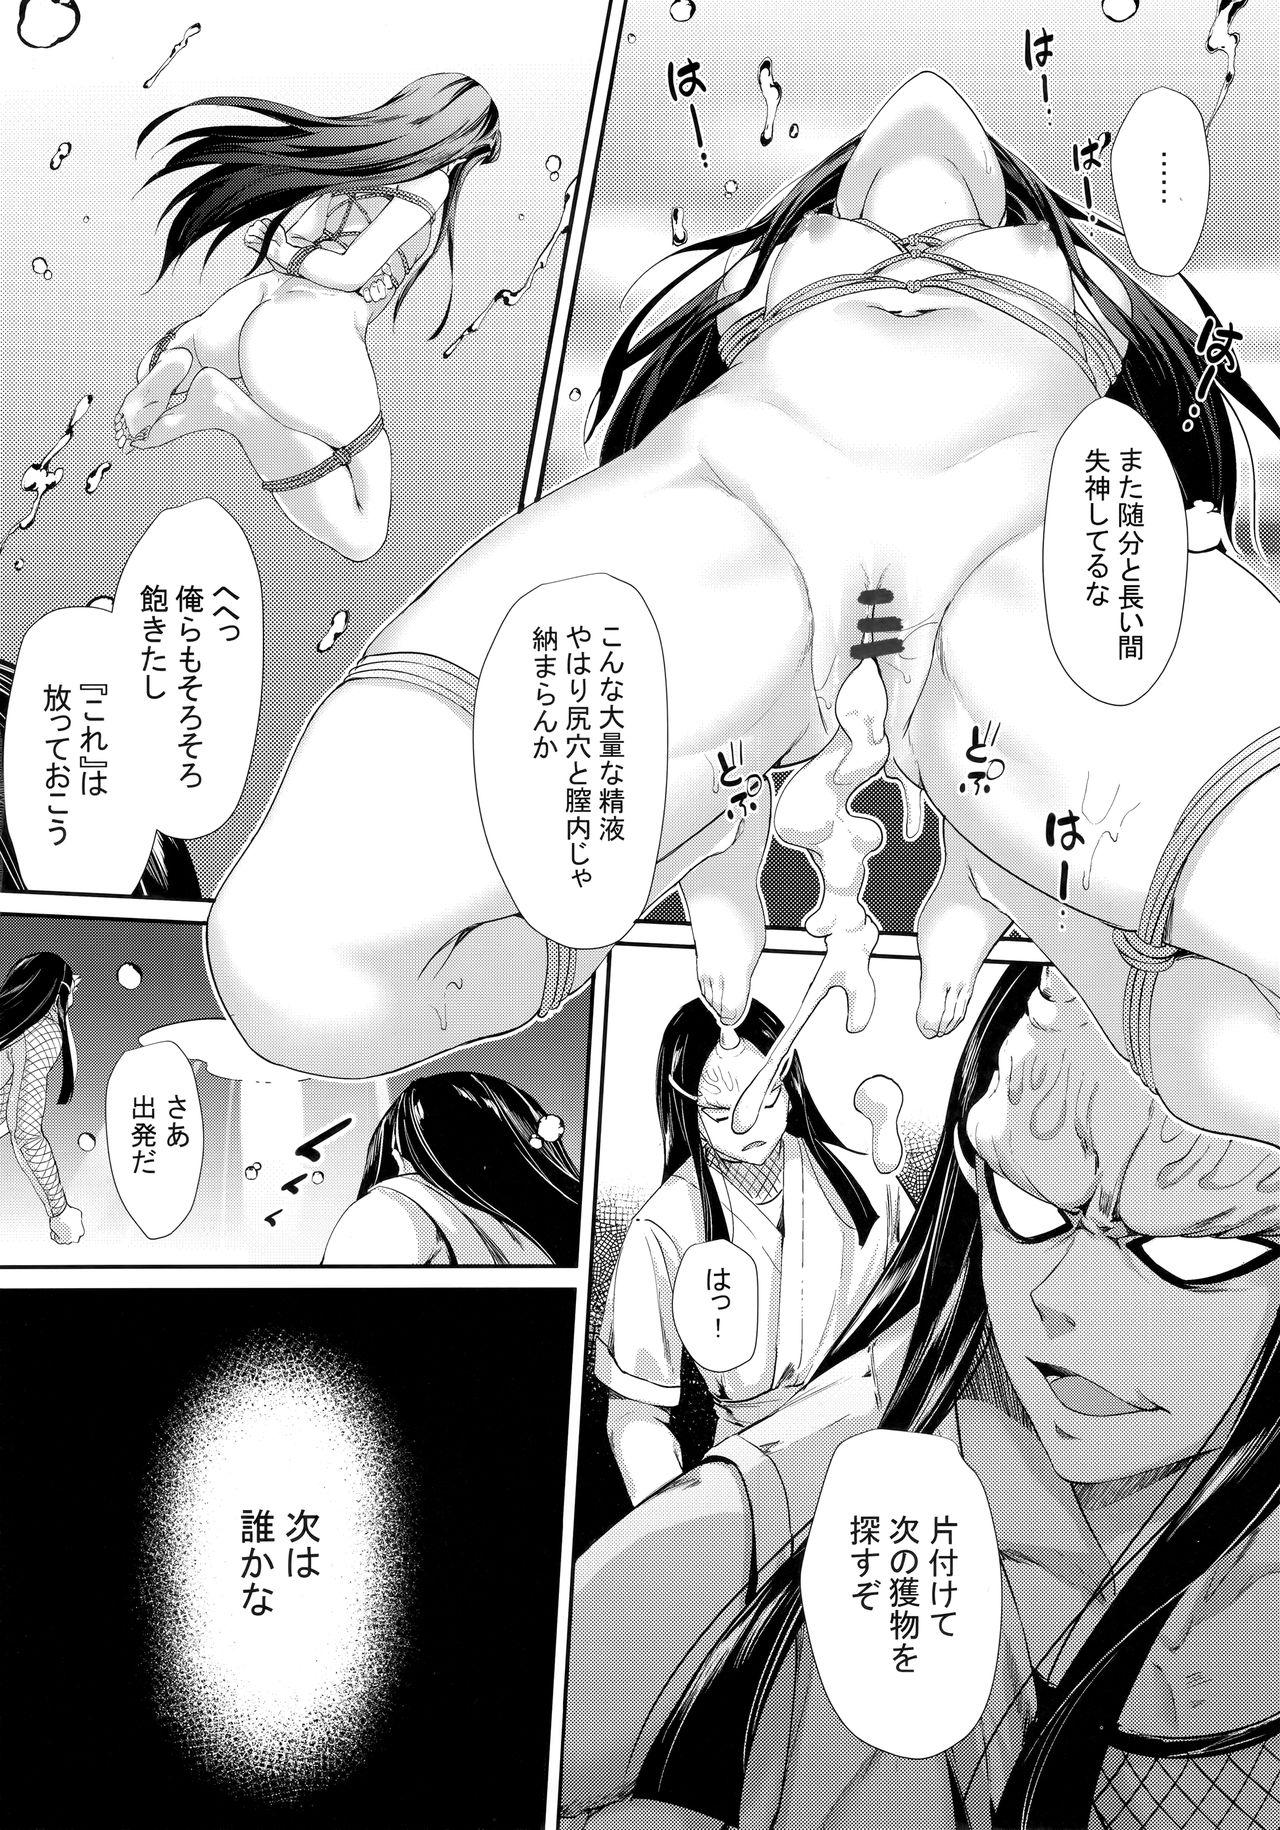 Moshi Nezuko ga Warui Hito ni Tsukamattara… 18